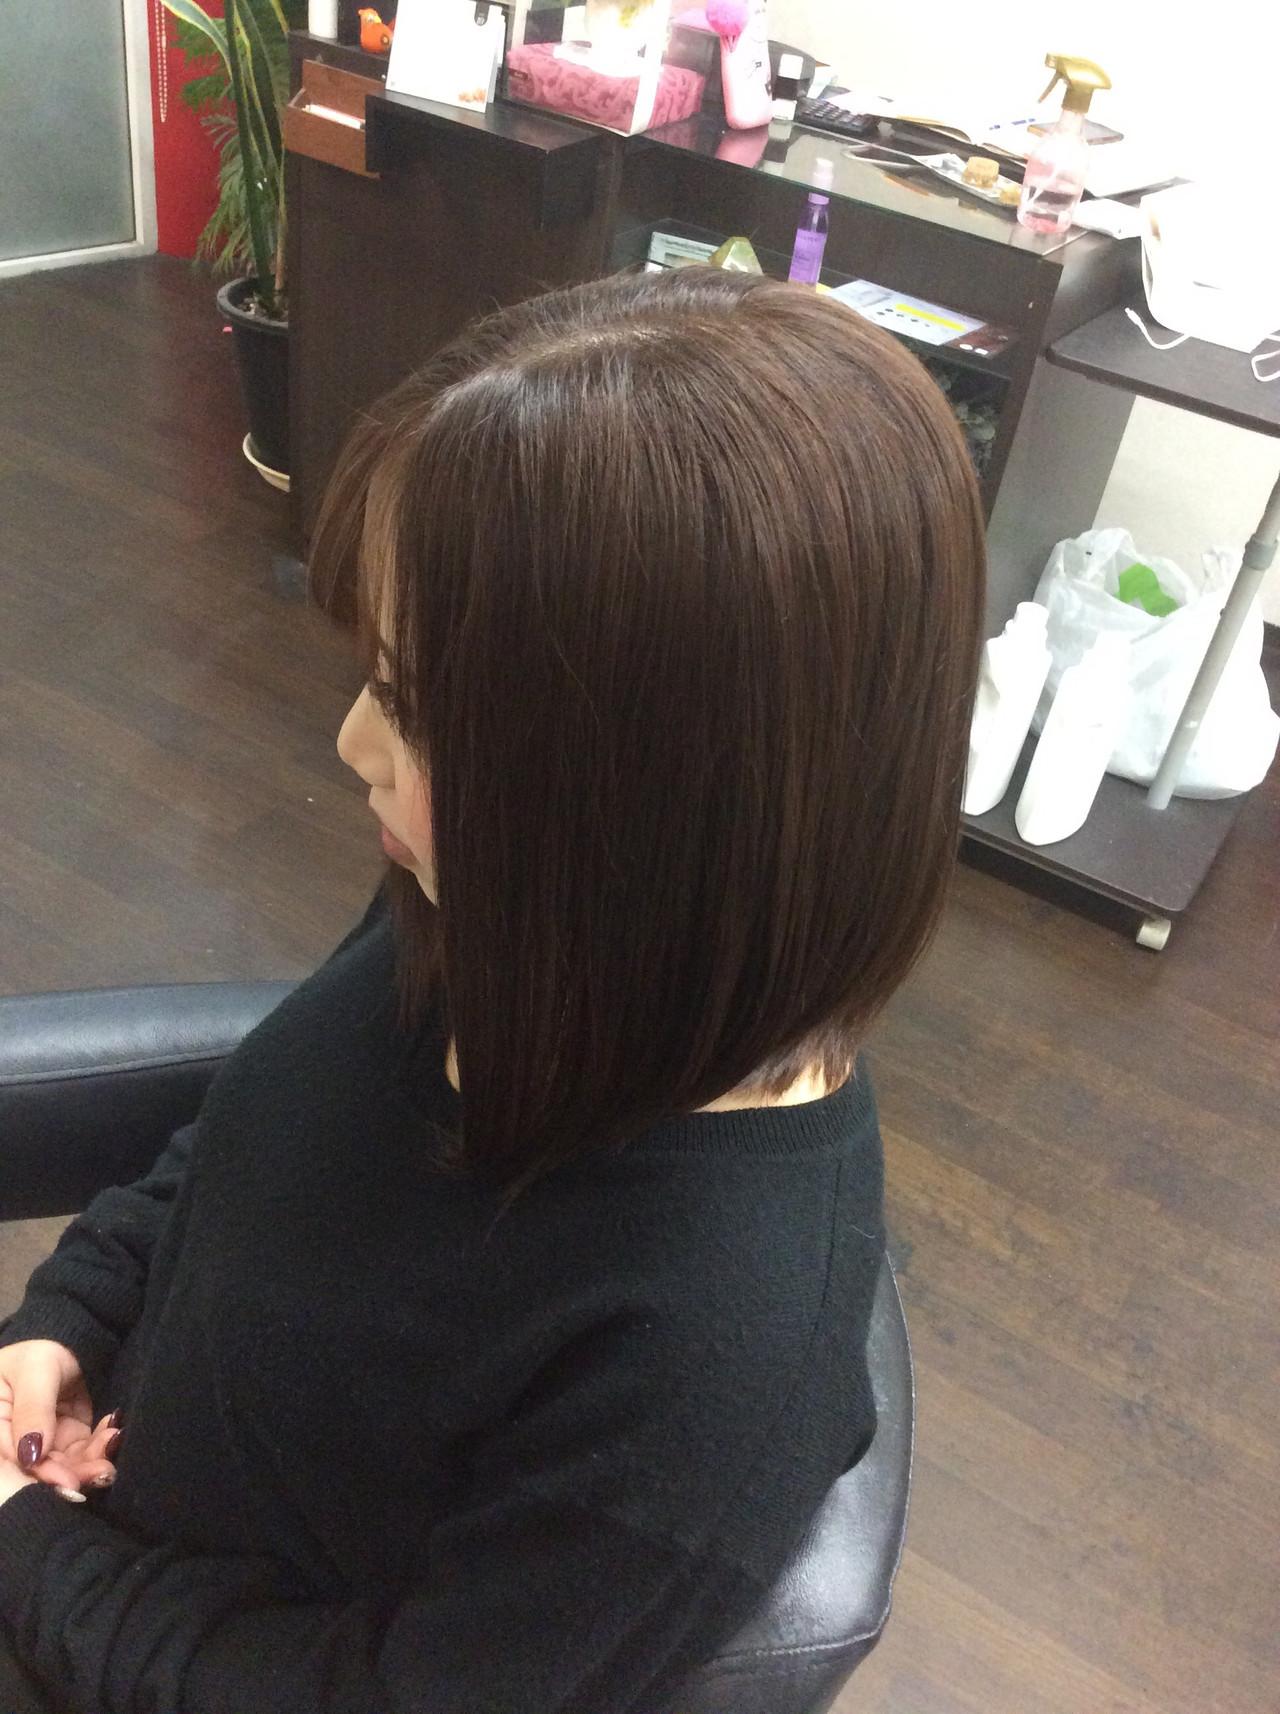 ラベンダーカラー ラベンダーグレージュ ラベンダーグレー ピンクラベンダー ヘアスタイルや髪型の写真・画像   rumiLINKS美容室 / リンクス美容室